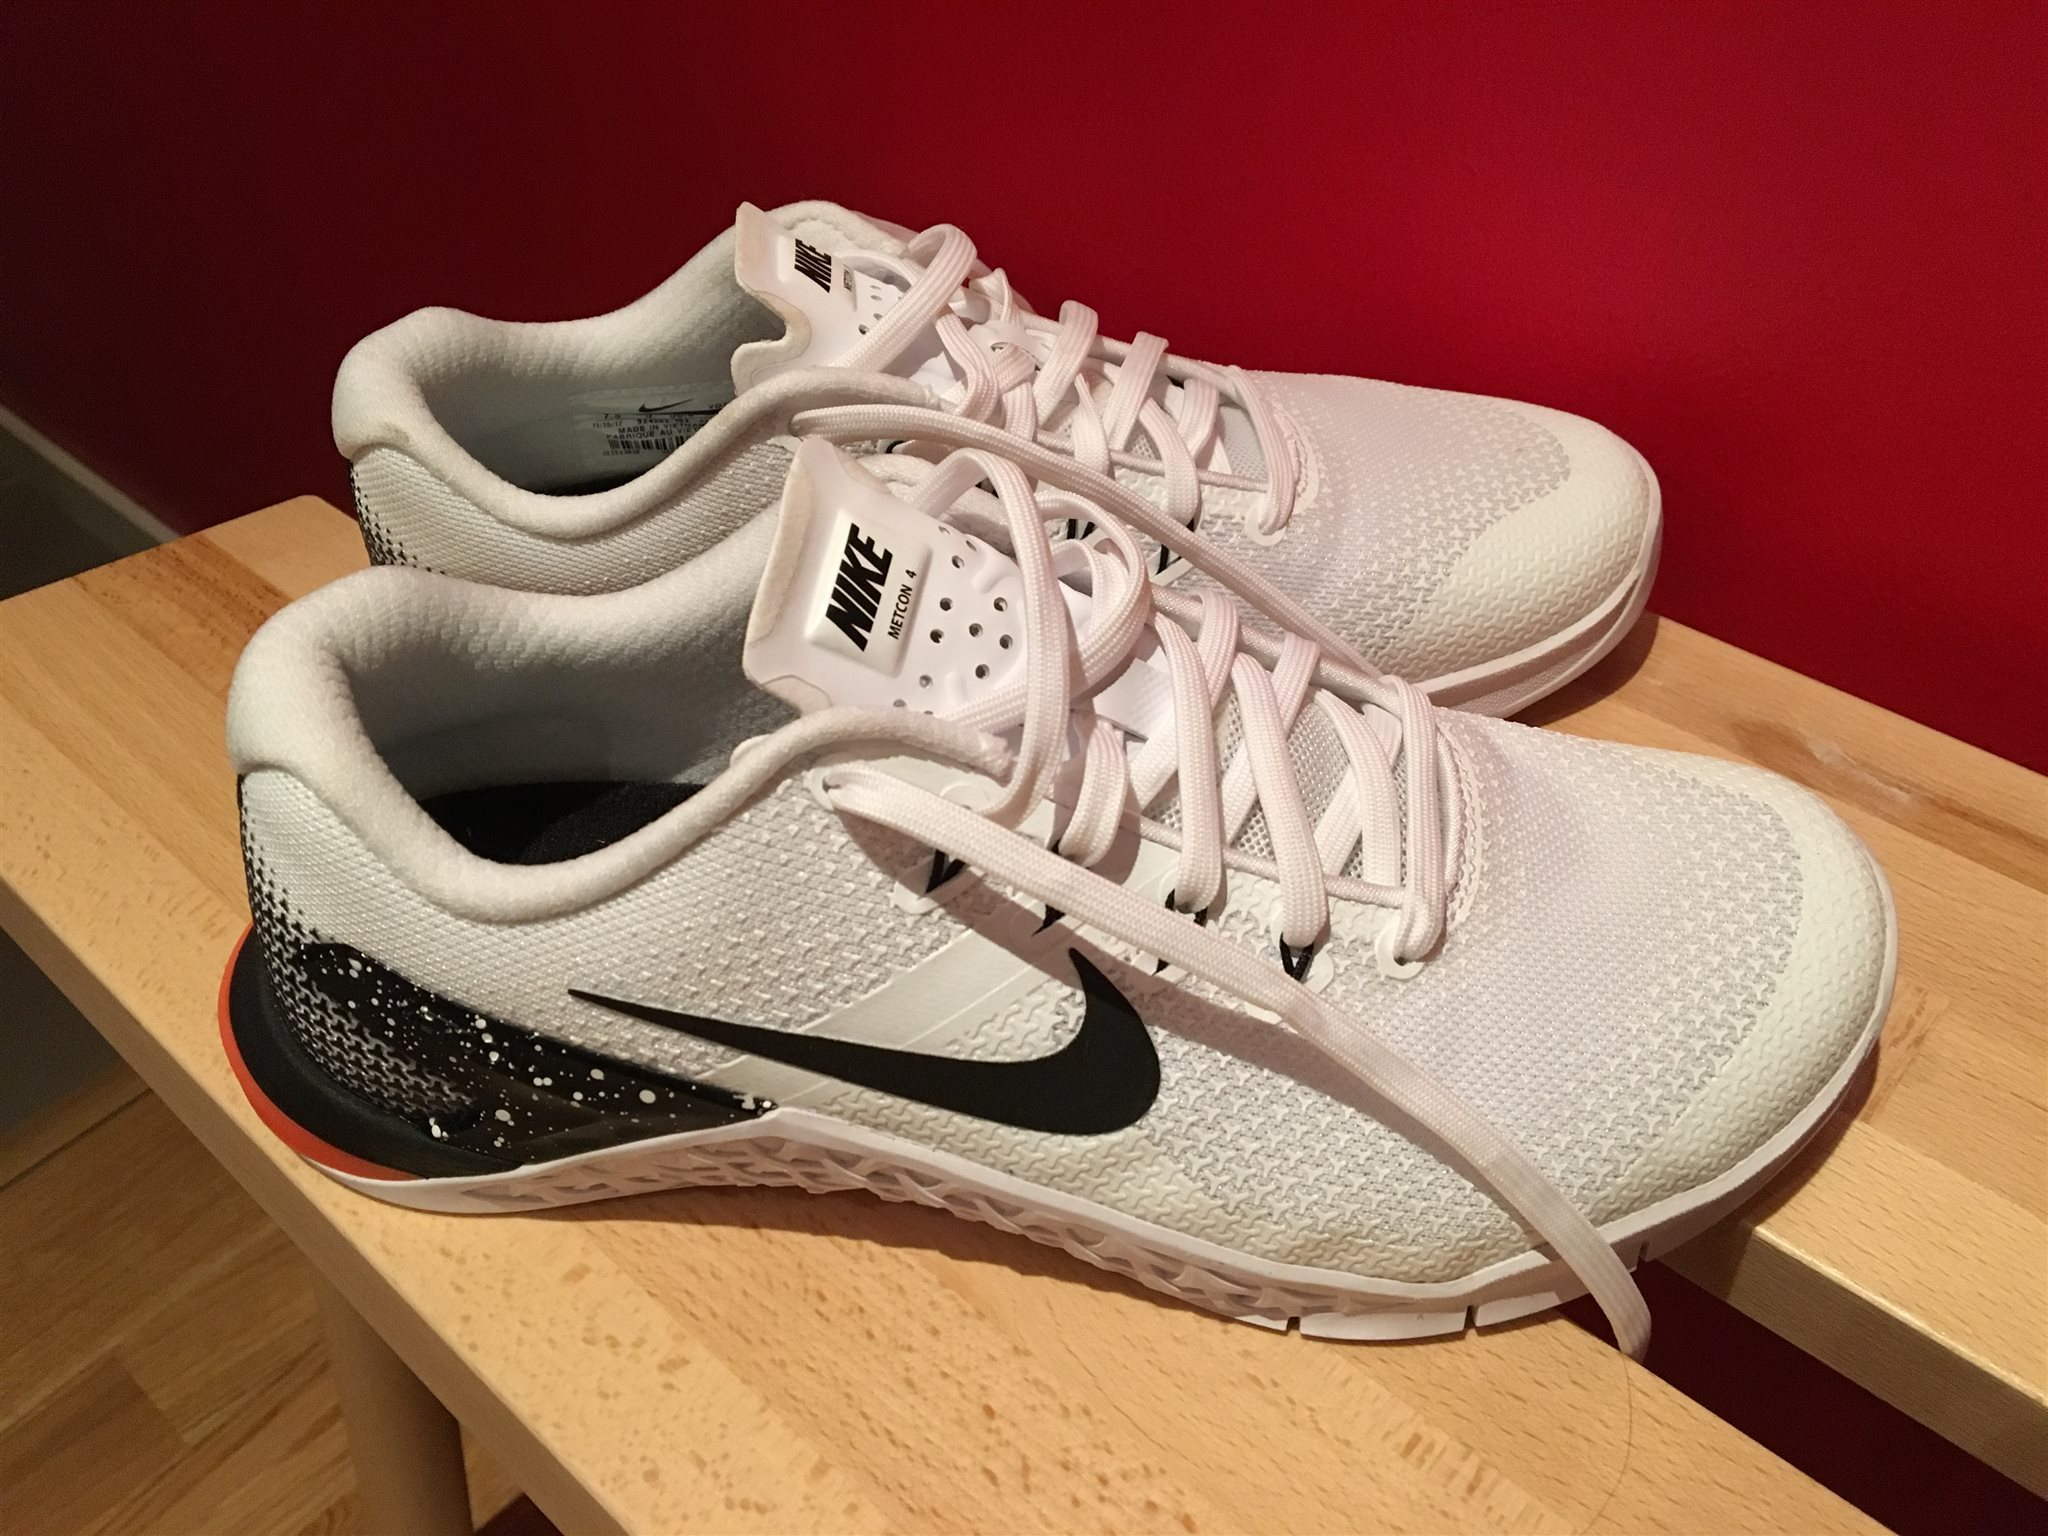 half off 8c14c d3604 Nike Metcon 4 Dam Träningsskor Crossfit oanvänt i storlek 38,5 ...